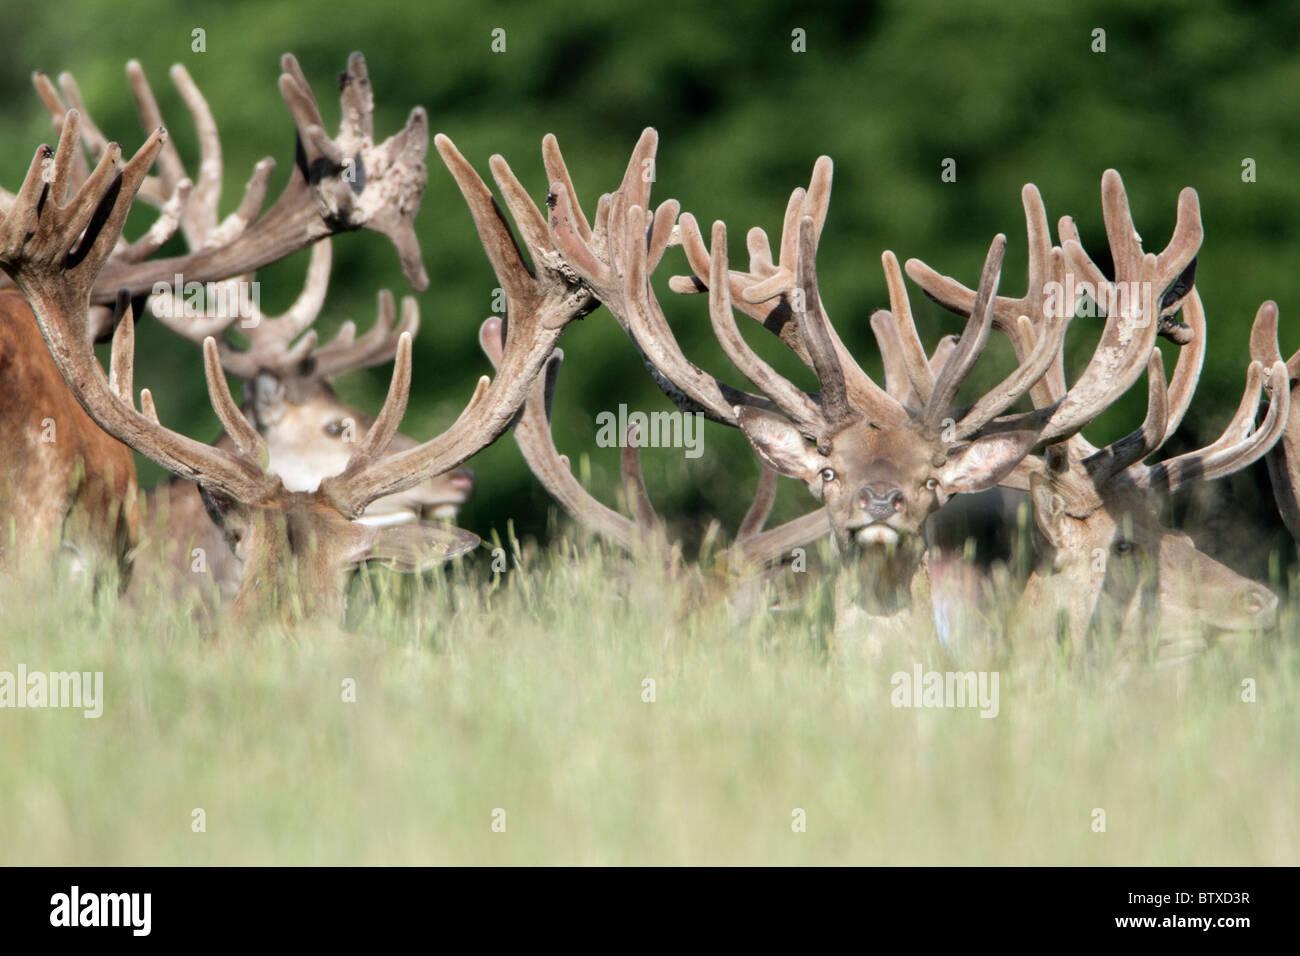 Ciervo rojo (Cervus elaphus), rebaño de ciervos descansando, Alemania Imagen De Stock